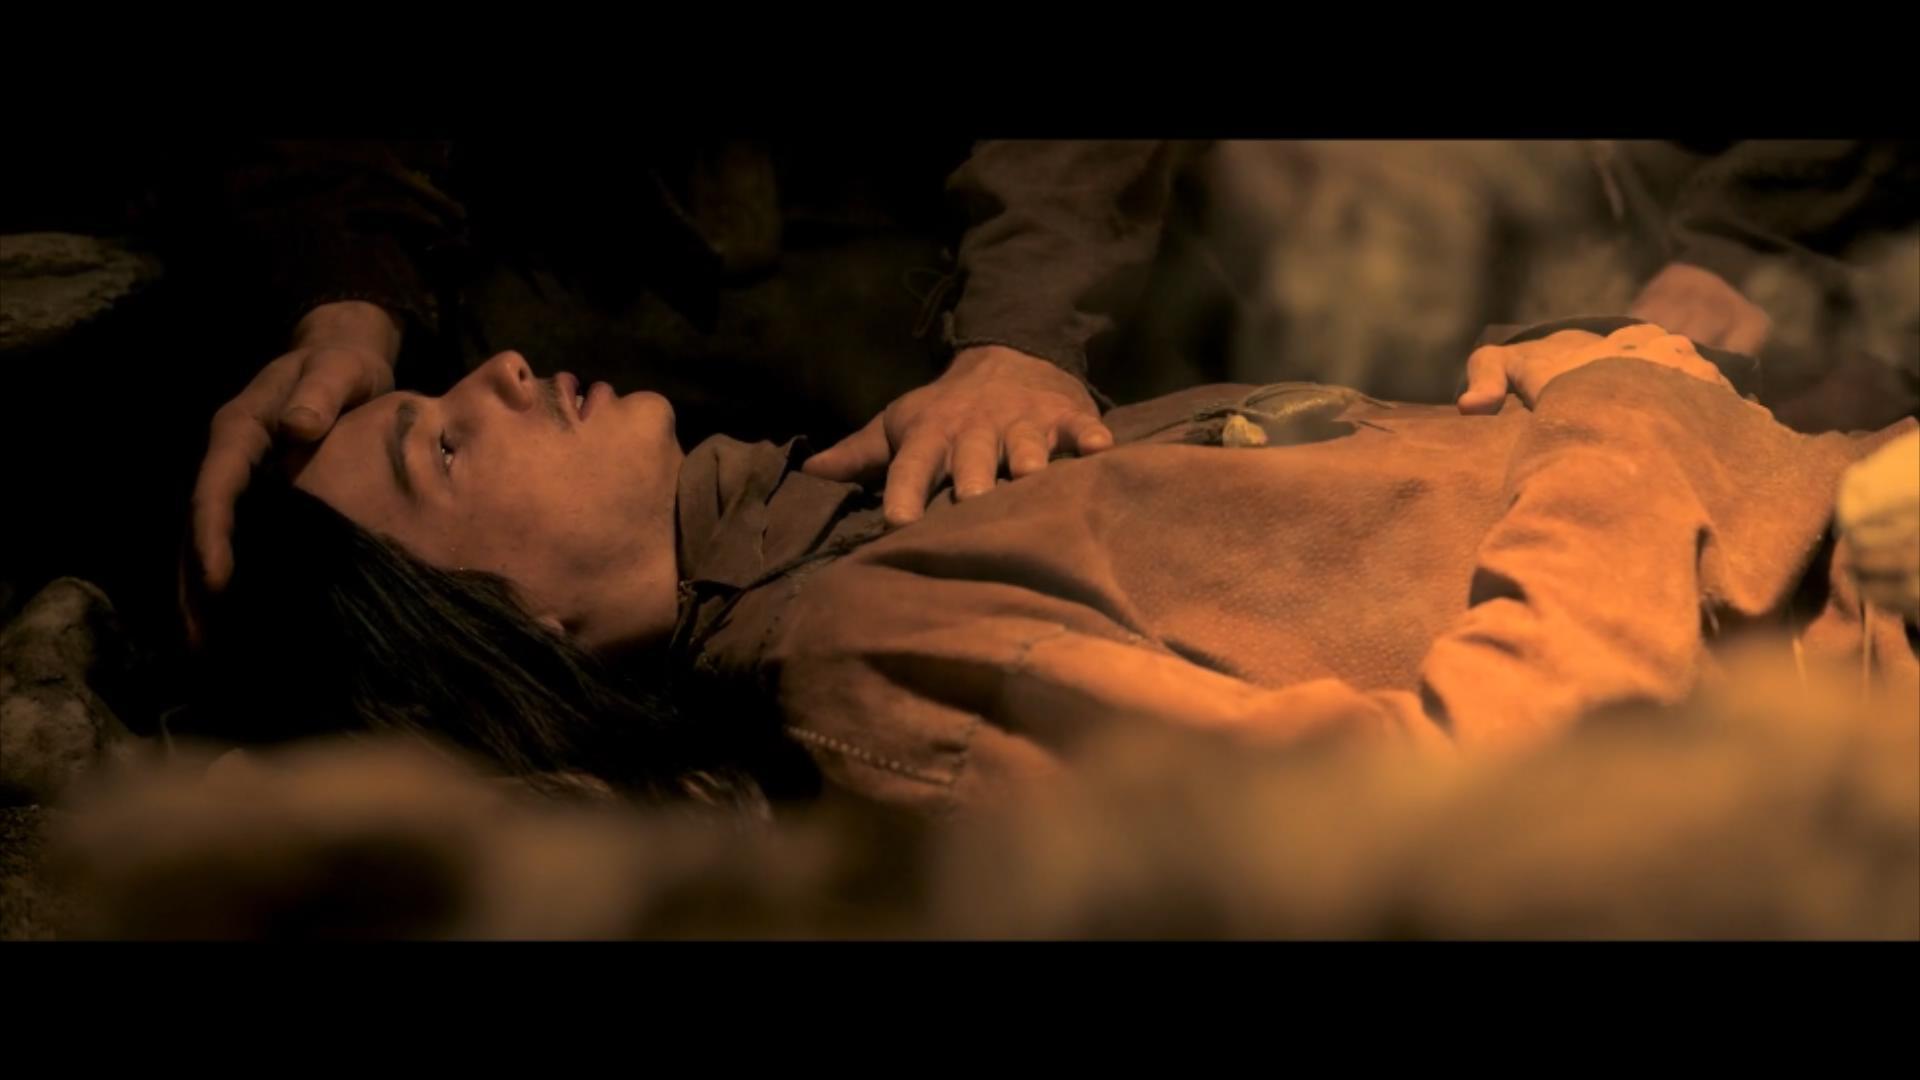 2018《阿尔法:狼伴归途》2700字,7分钟剧情解说稿-第15张图片